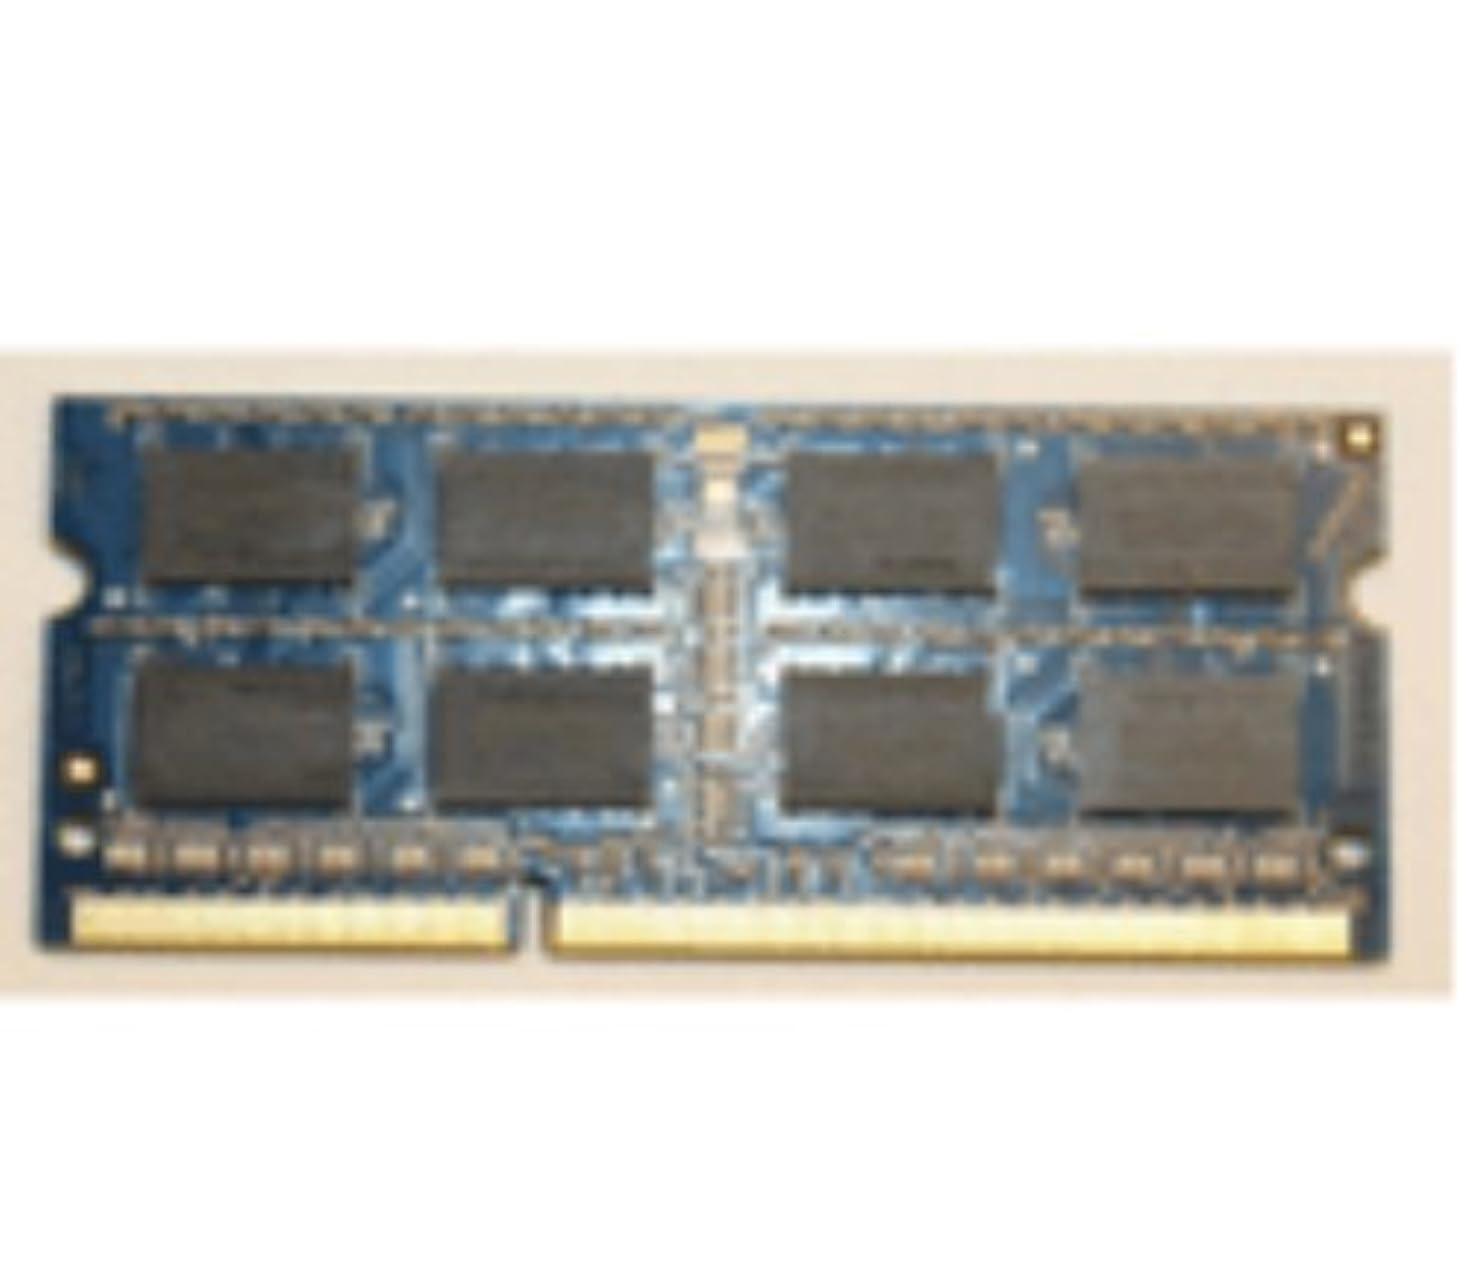 Lenovo 8 GB DDR3 1600 (PC3 12800) RAM 0B47381